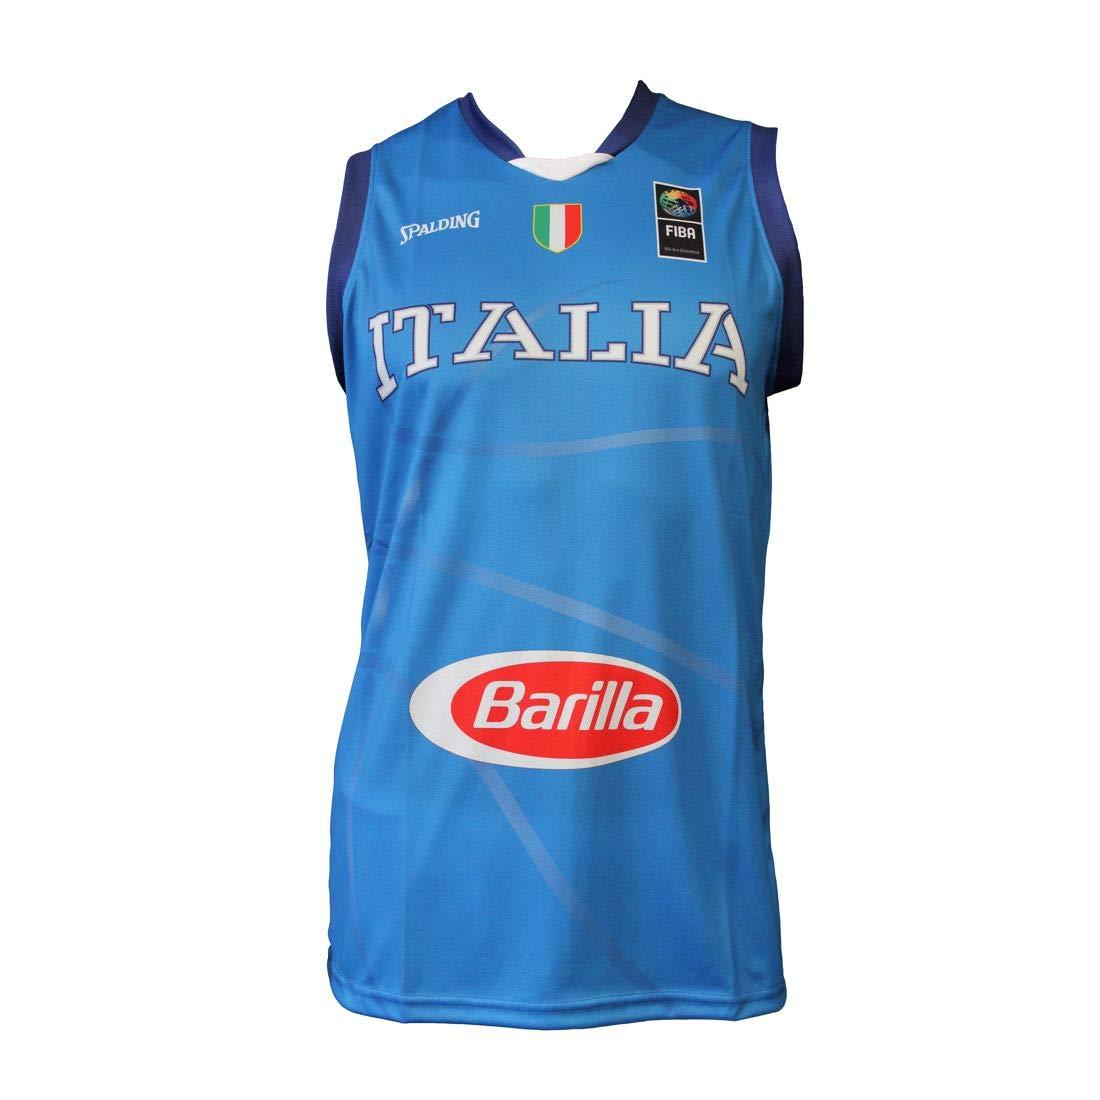 di leo pietro spa Canotta Replica Nazionale Italia Basket Uomo Spalding